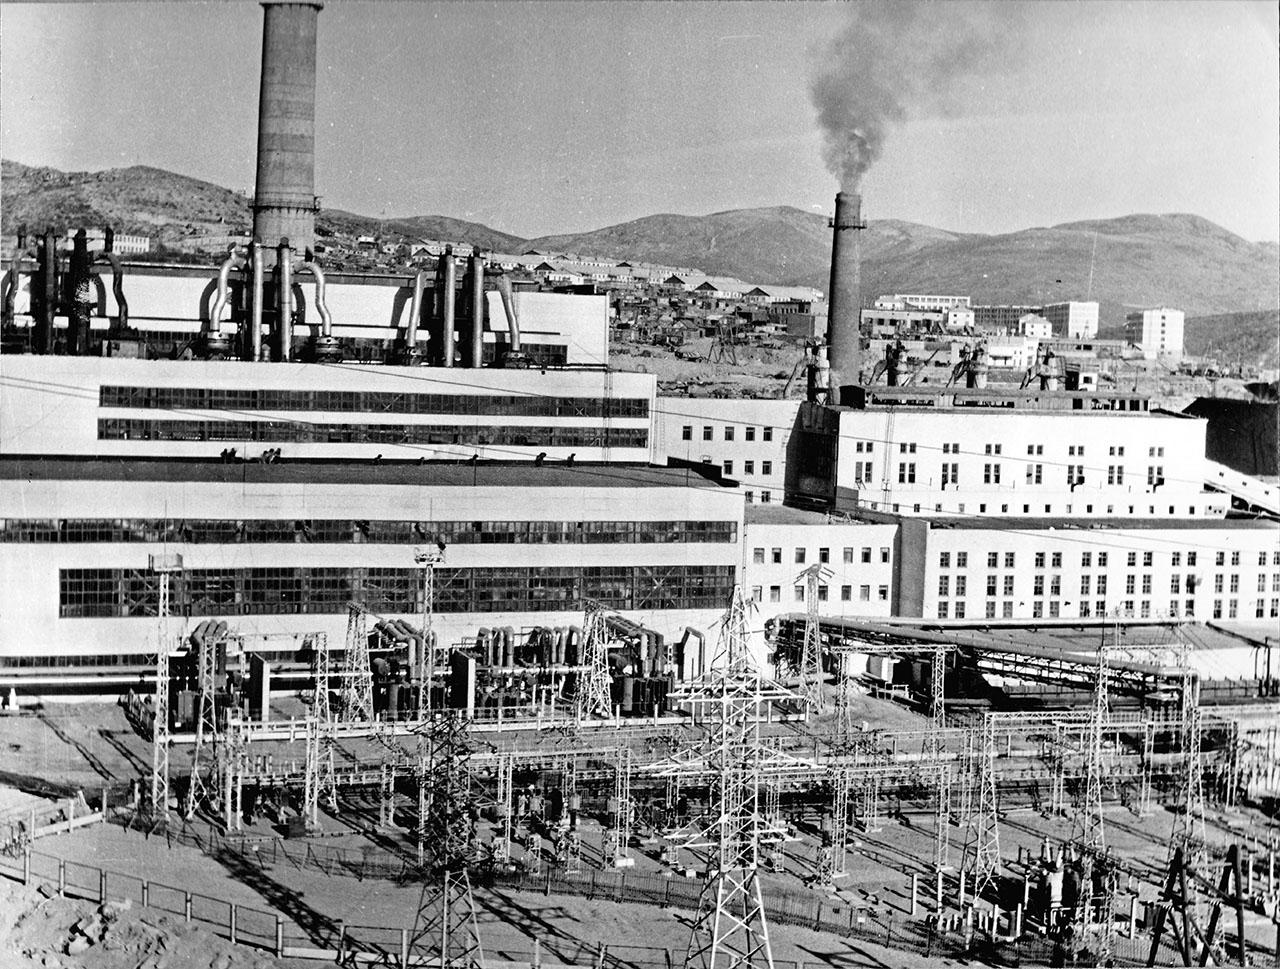 Магаданская ТЭЦ. На заднем плане микрорайон Пионерный. 1976 год.